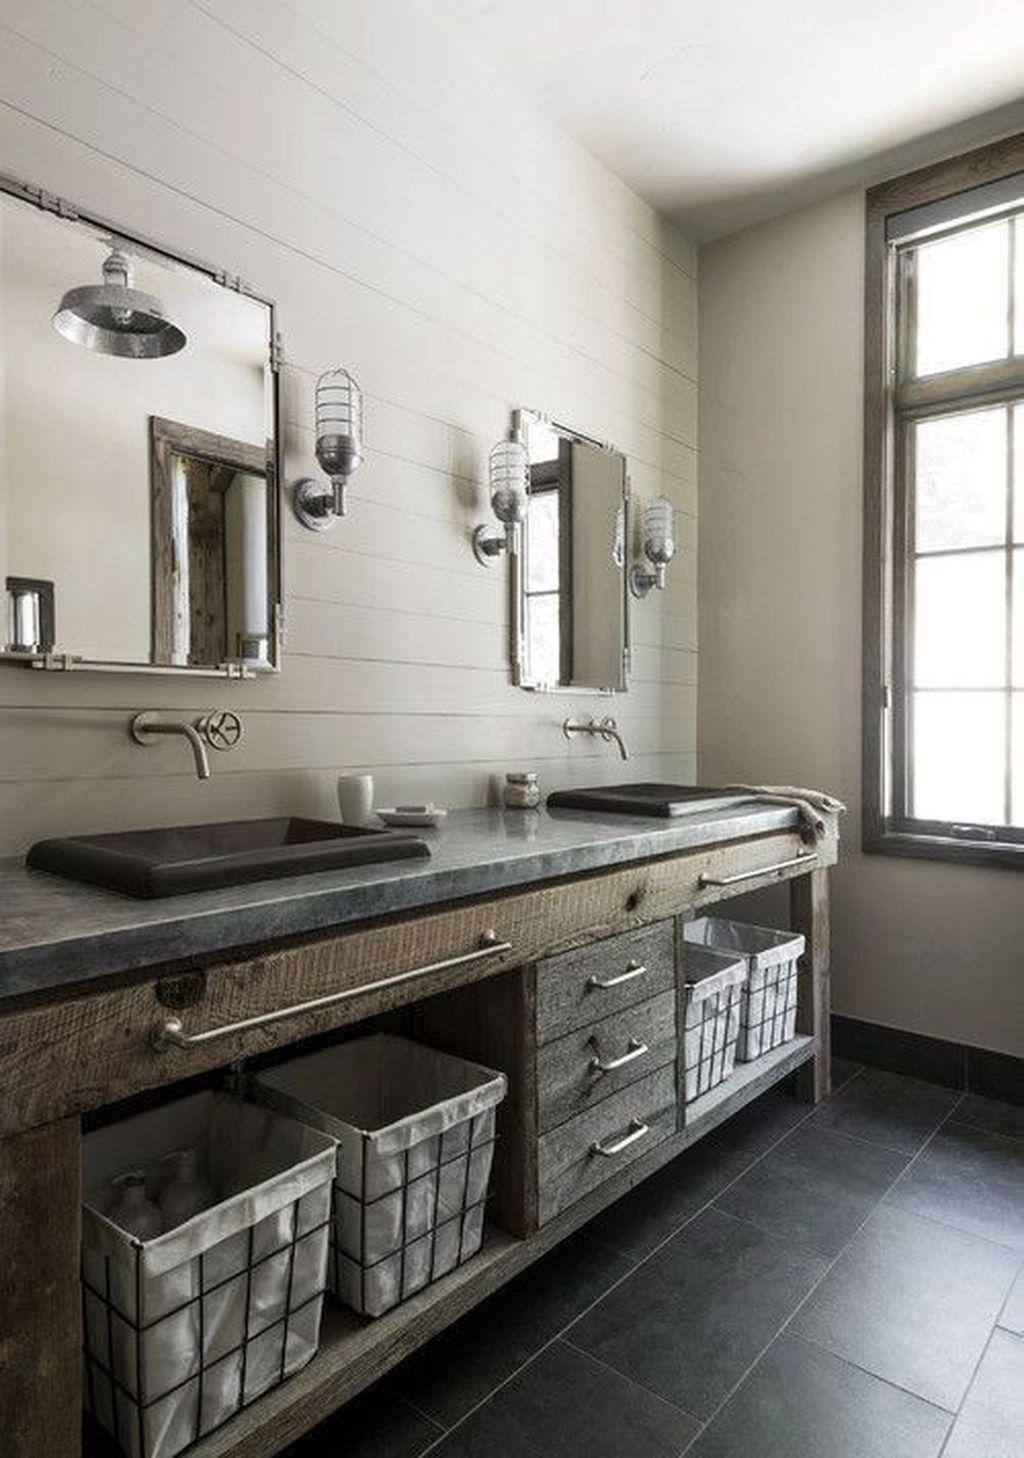 Amazing Rustic Barn Bathroom Decor Ideas 36